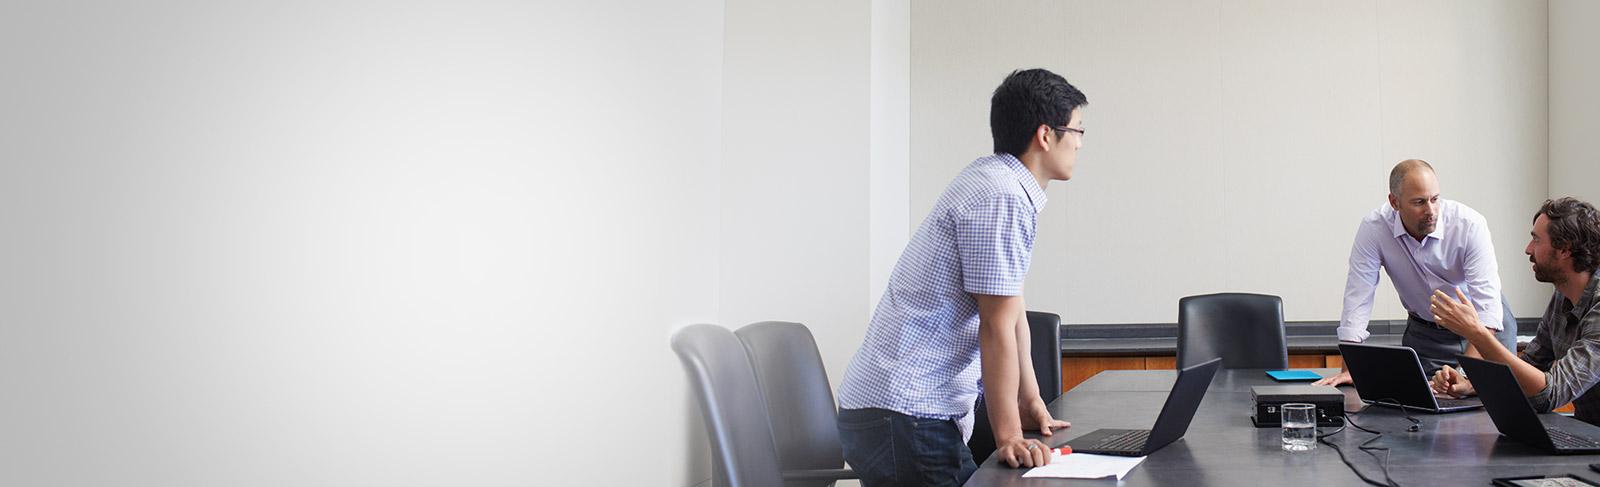 Ba người đàn ông với máy tính xách tay gặp nhau trong phòng họp sử dụng Office 365 Enterprise E4.